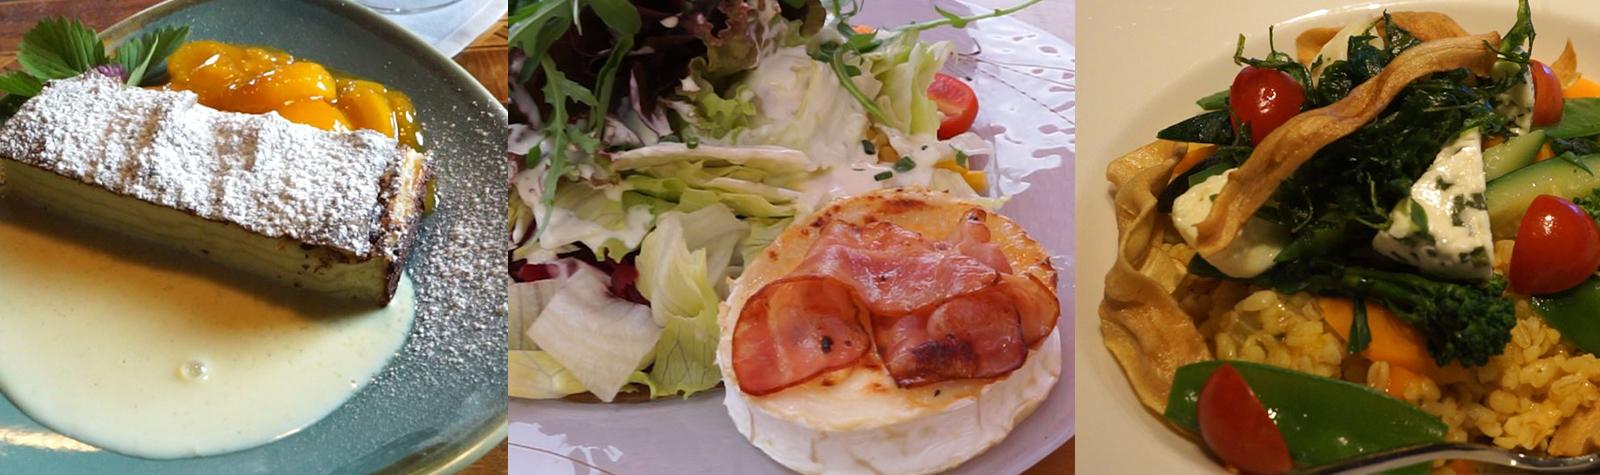 Teil 2: Gastronomie am Berg